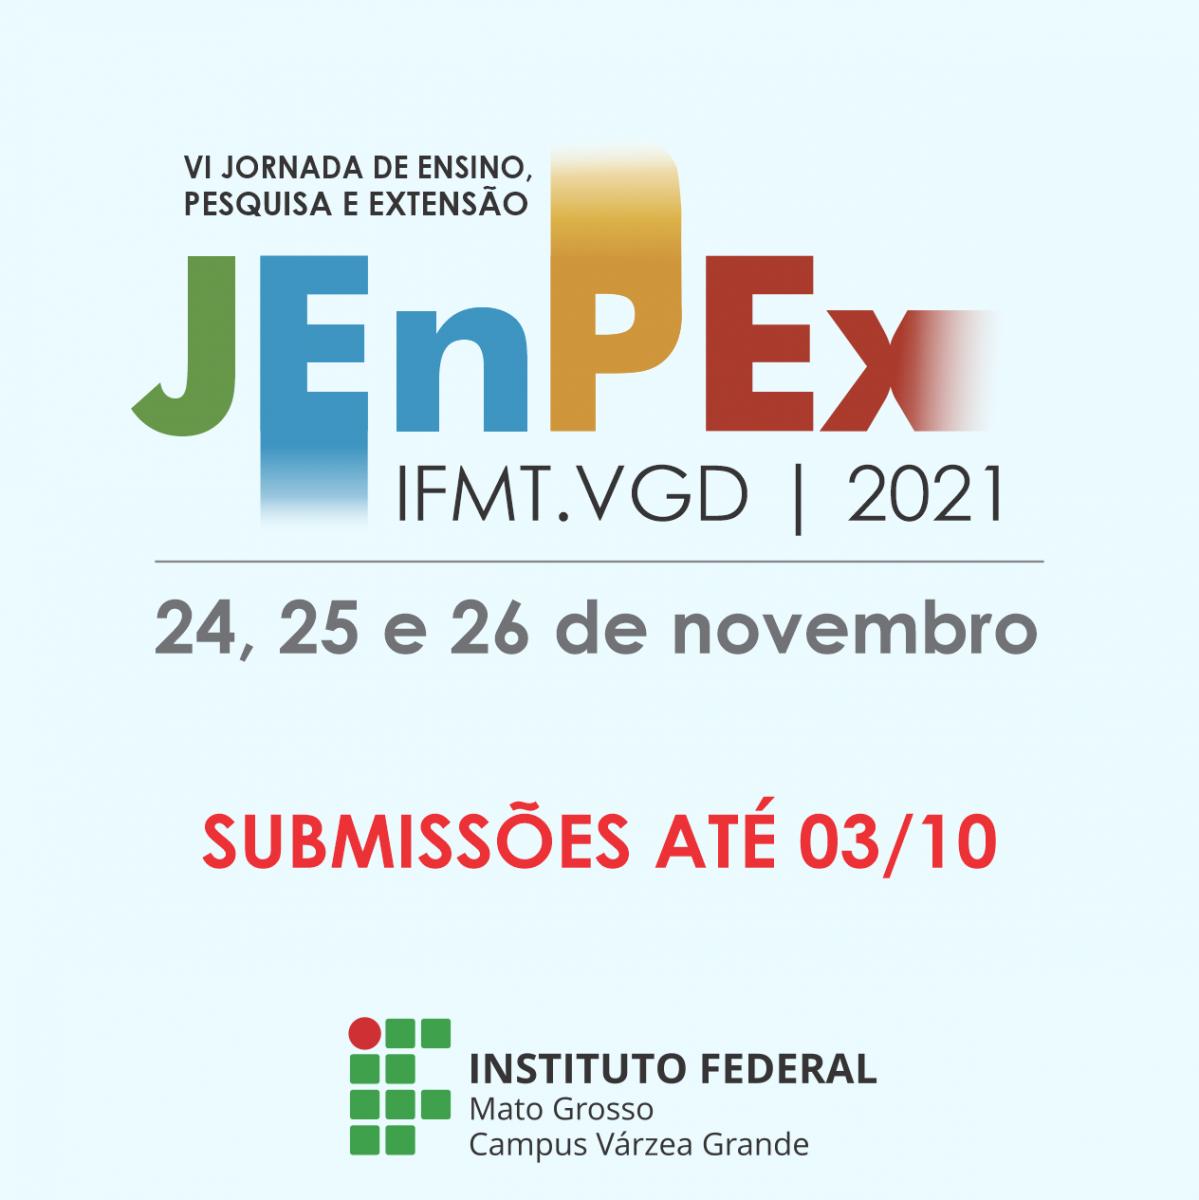 VI Jornada de Ensino, Pesquisa e Extensão (JENPEX) IFMT Campus Várzea Grande